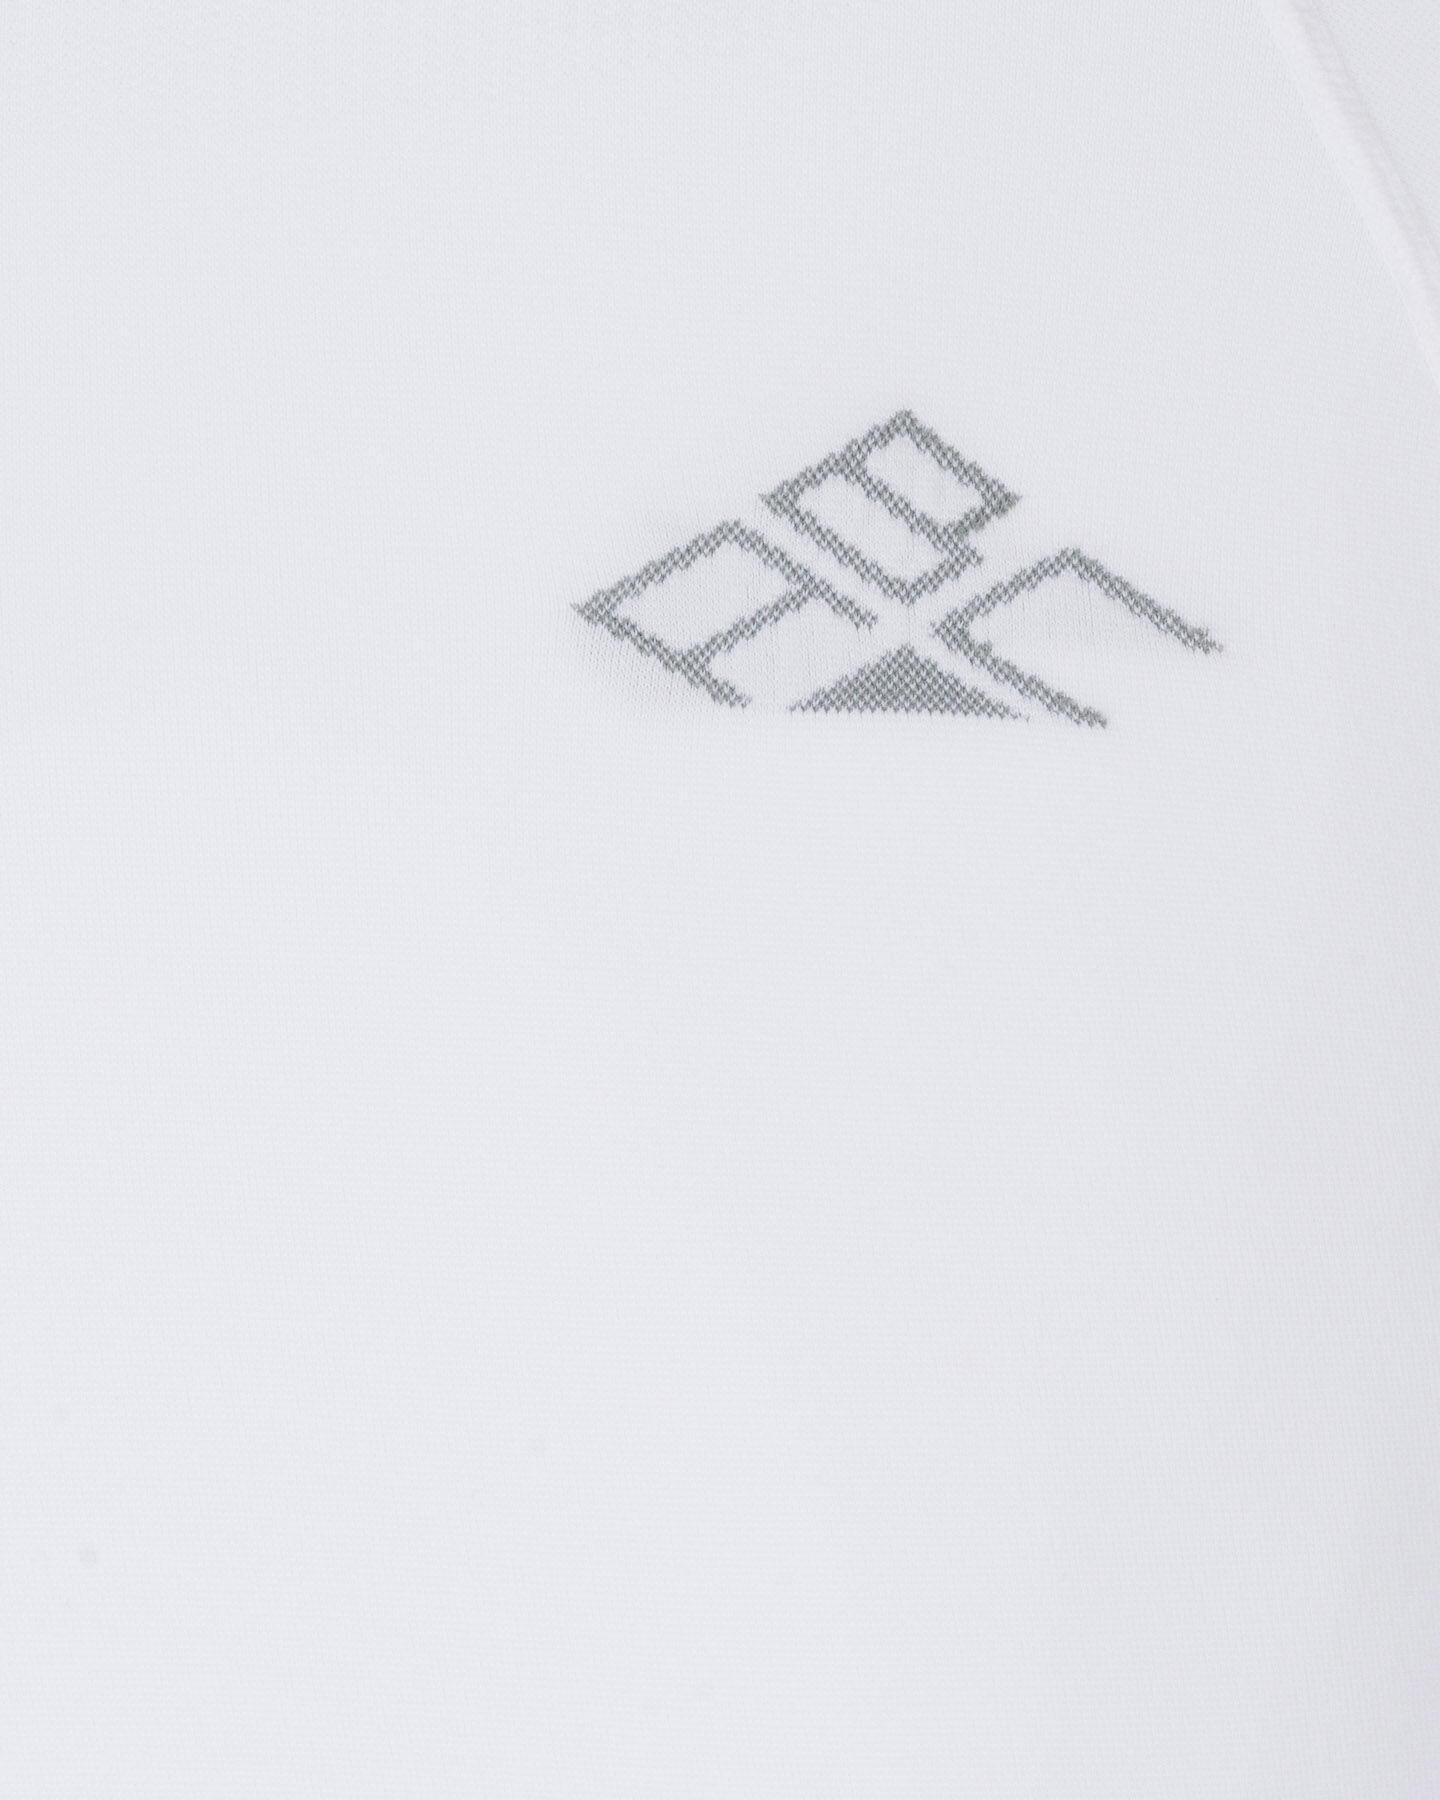 Maglia intimo tecnico ABC THERMAL ABC M S4054388 scatto 2